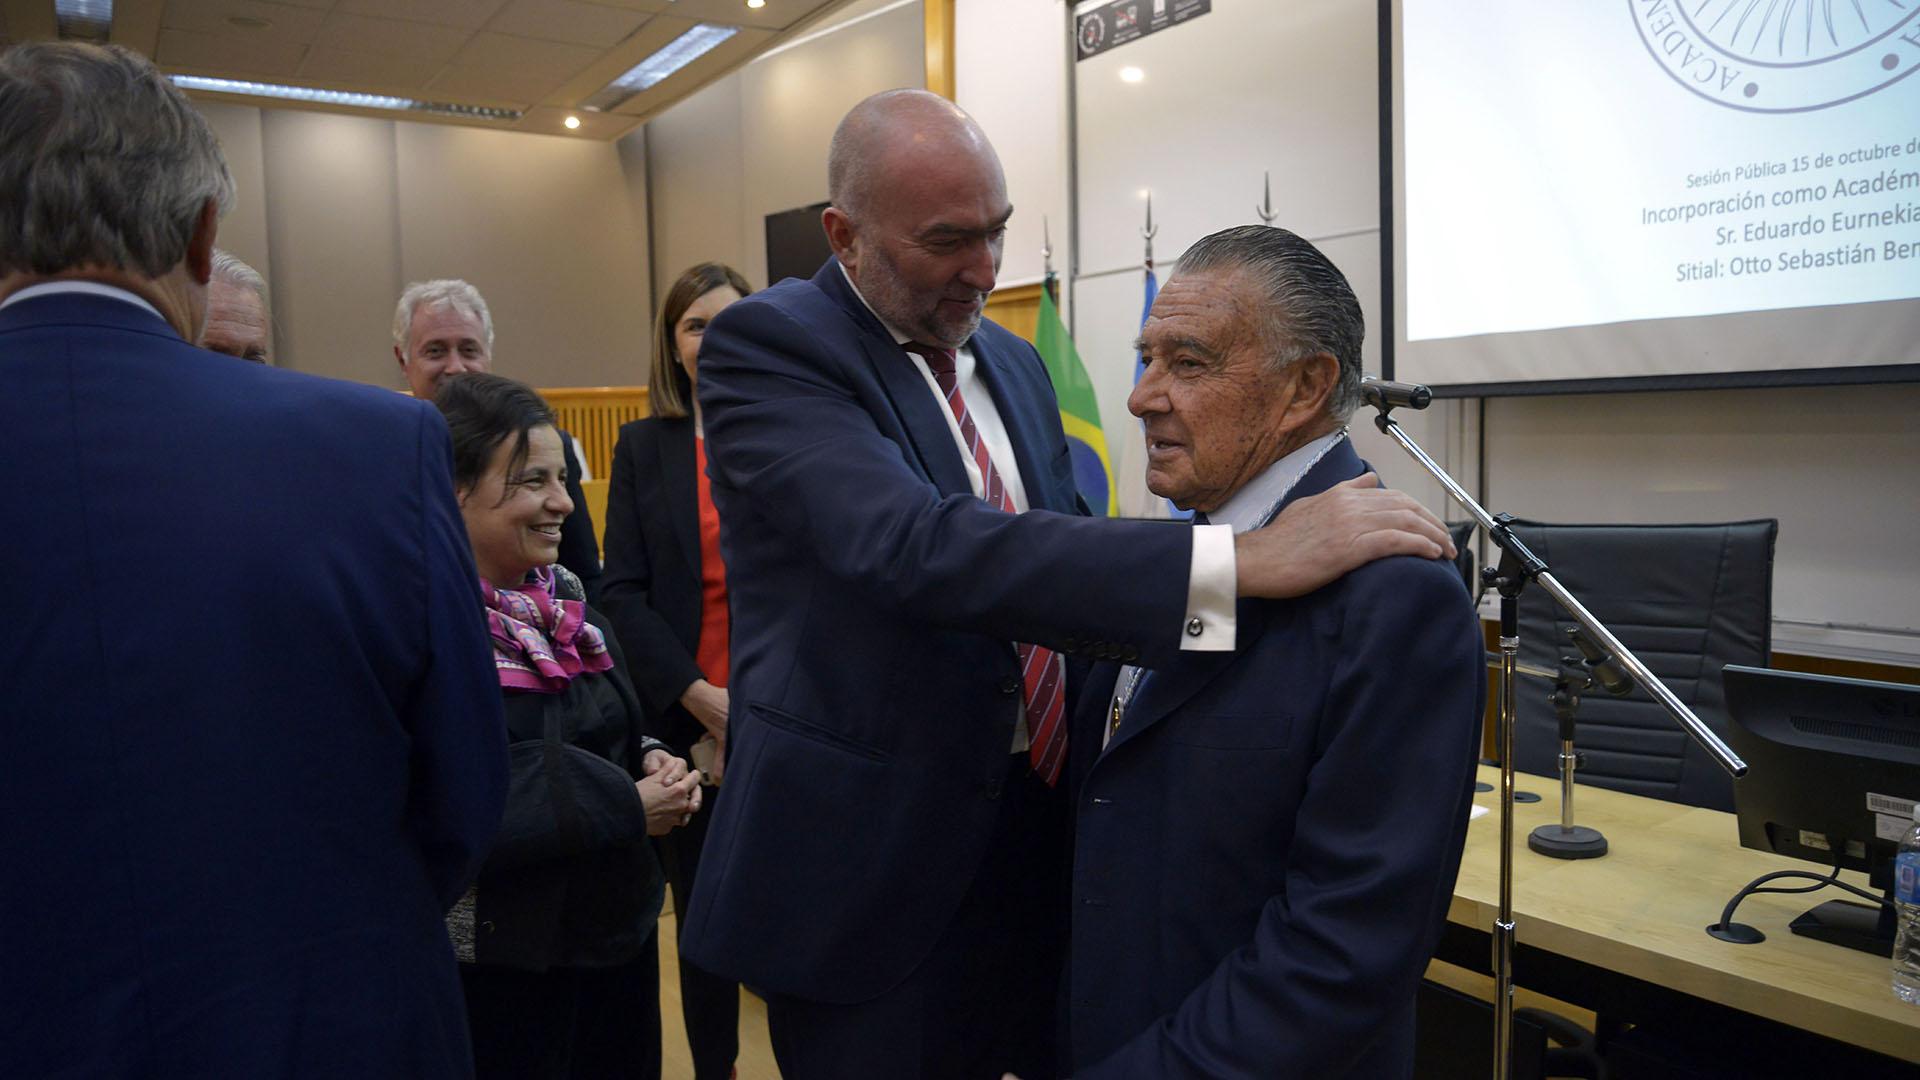 Gustavo Cinosi saluda a Eurnekian al final del evento